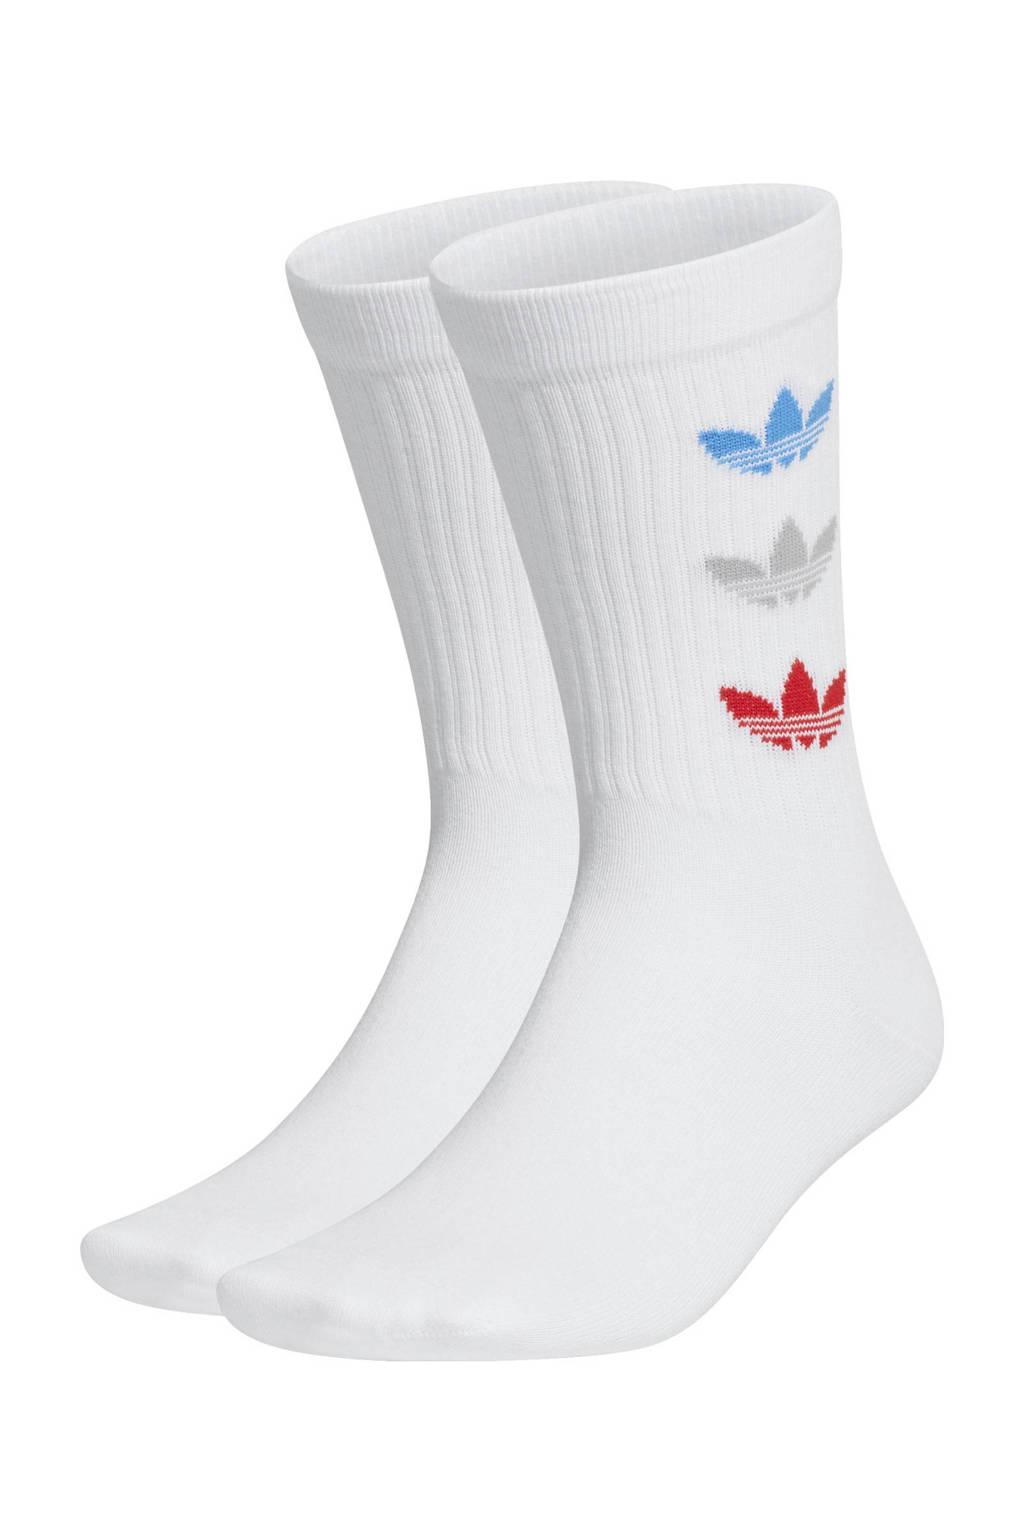 adidas Originals Adicolor sokken - set van 2 wit, Wit